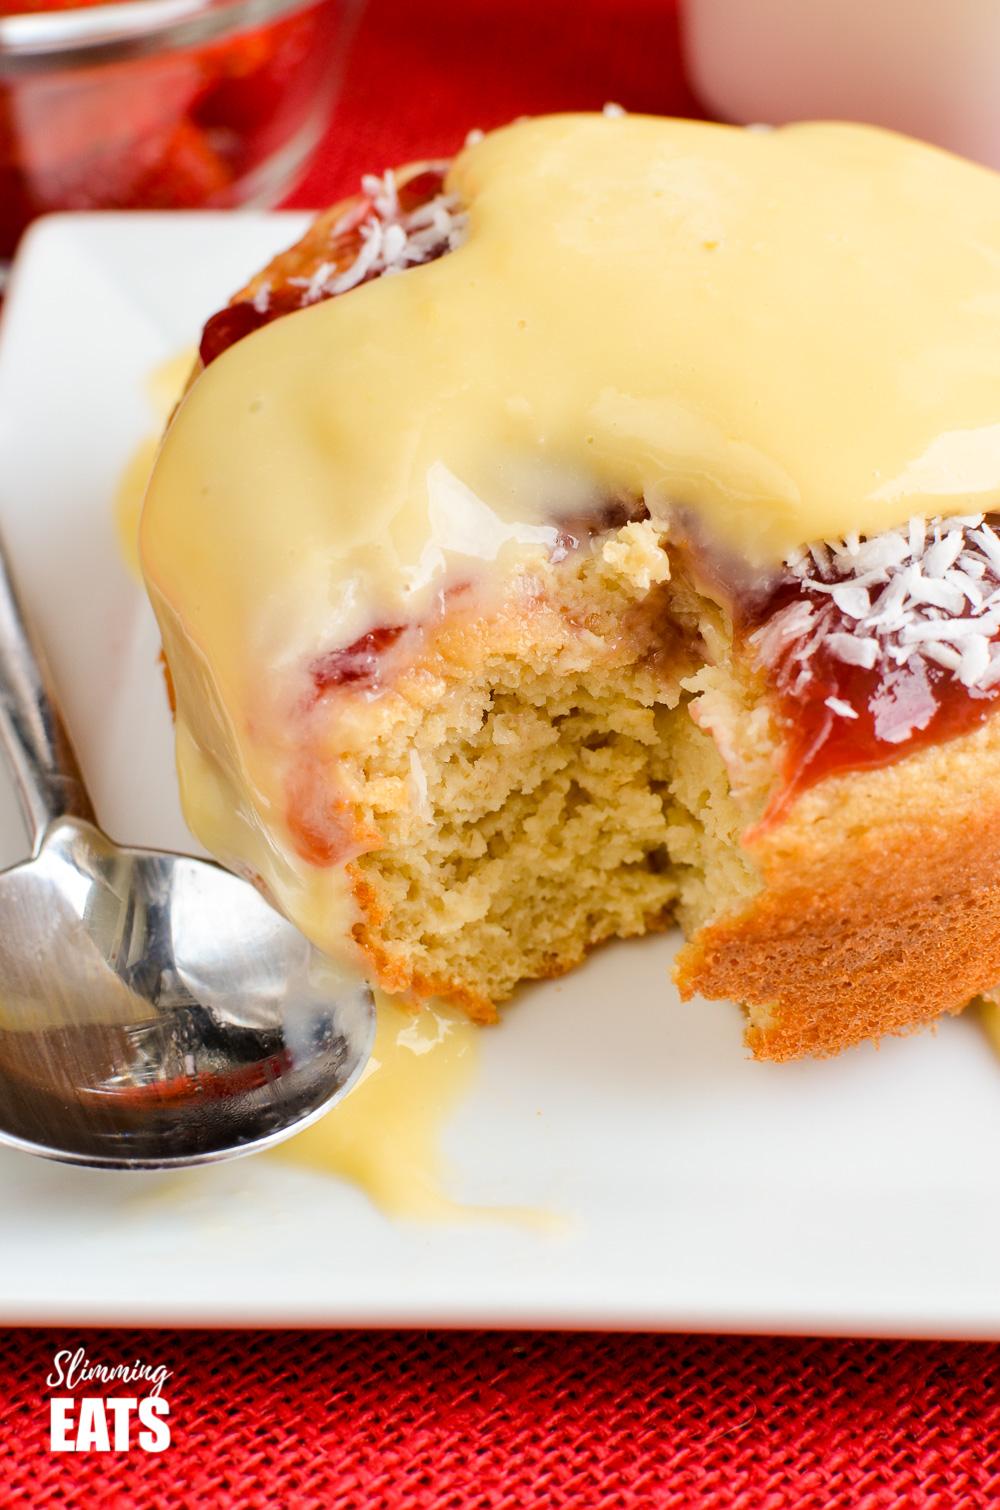 part eaten jam and coconut sponge cake on white plate